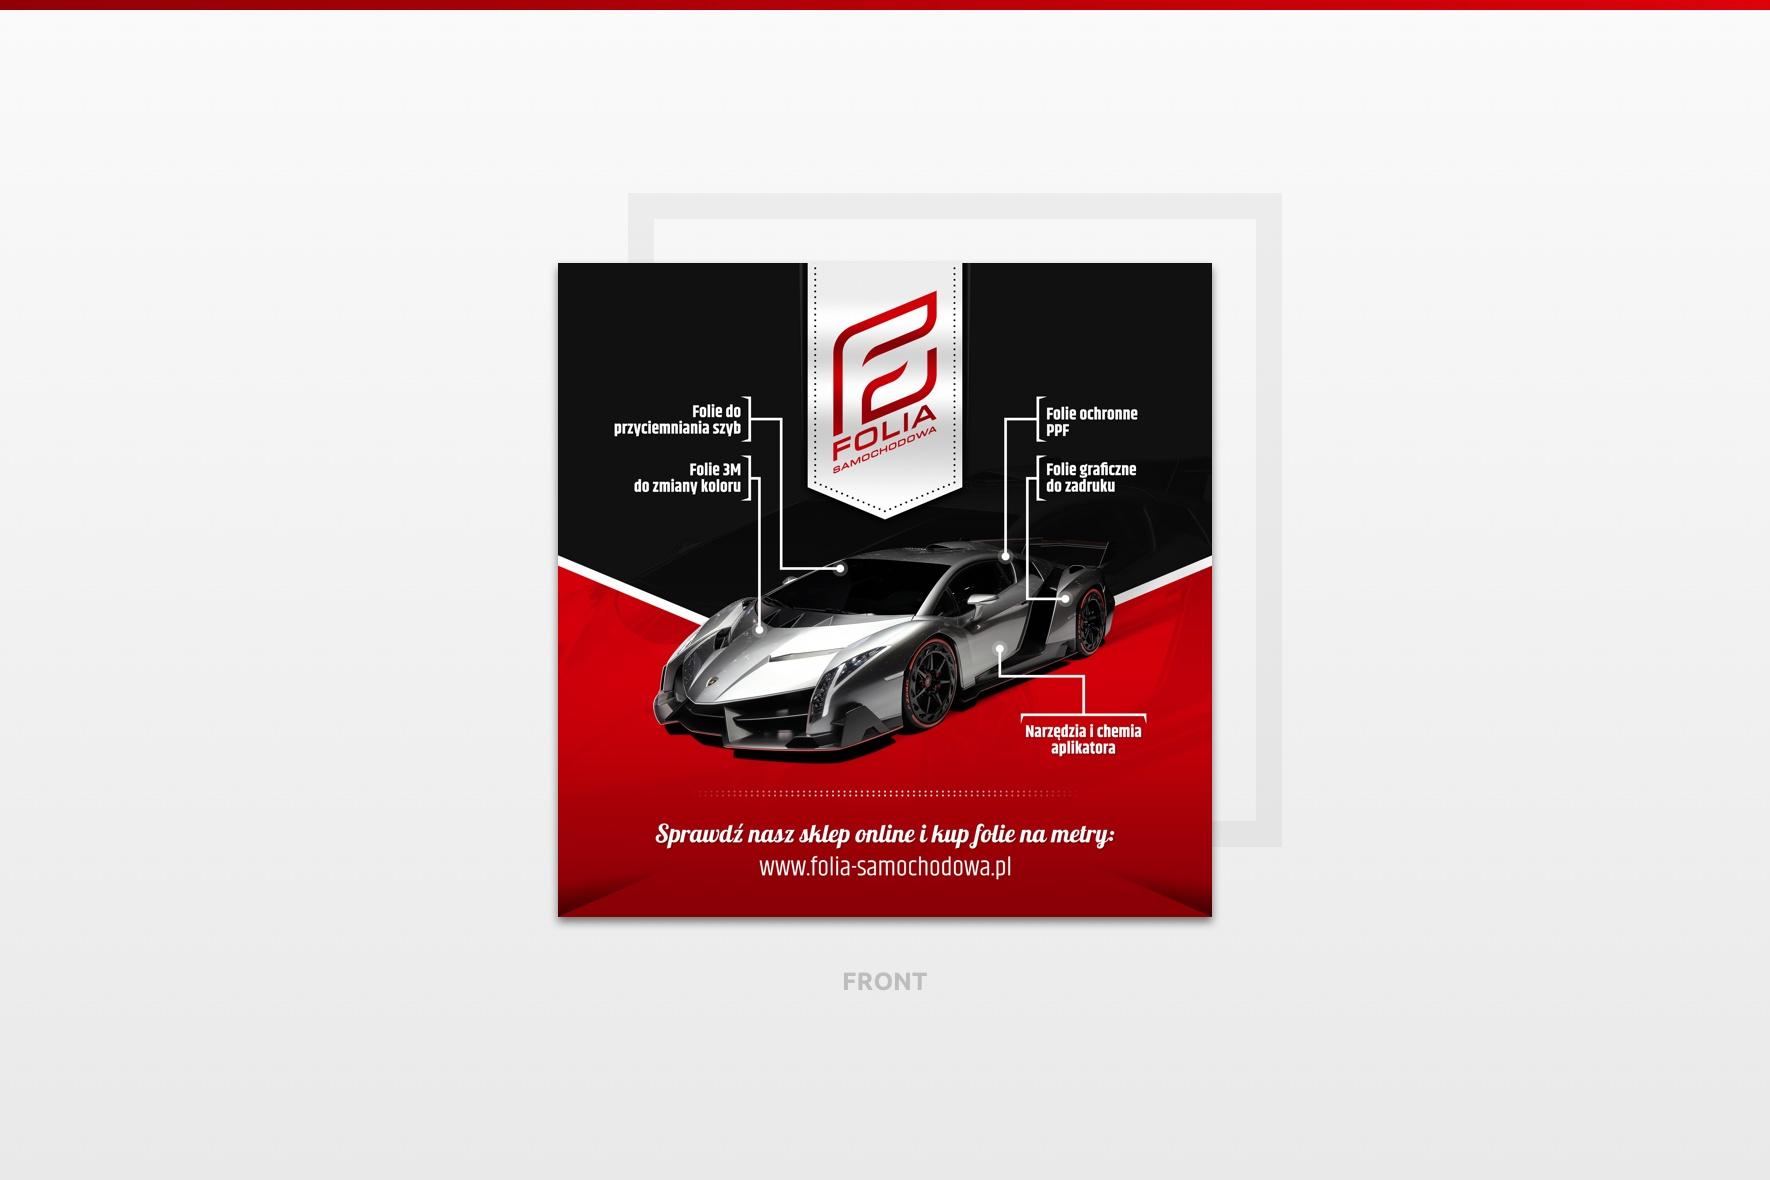 Ulotka zaprojektowana dla Folia-samochodowa.pl na międzynarodowe targi reklamy i druku - RemaDays Warsaw 2019